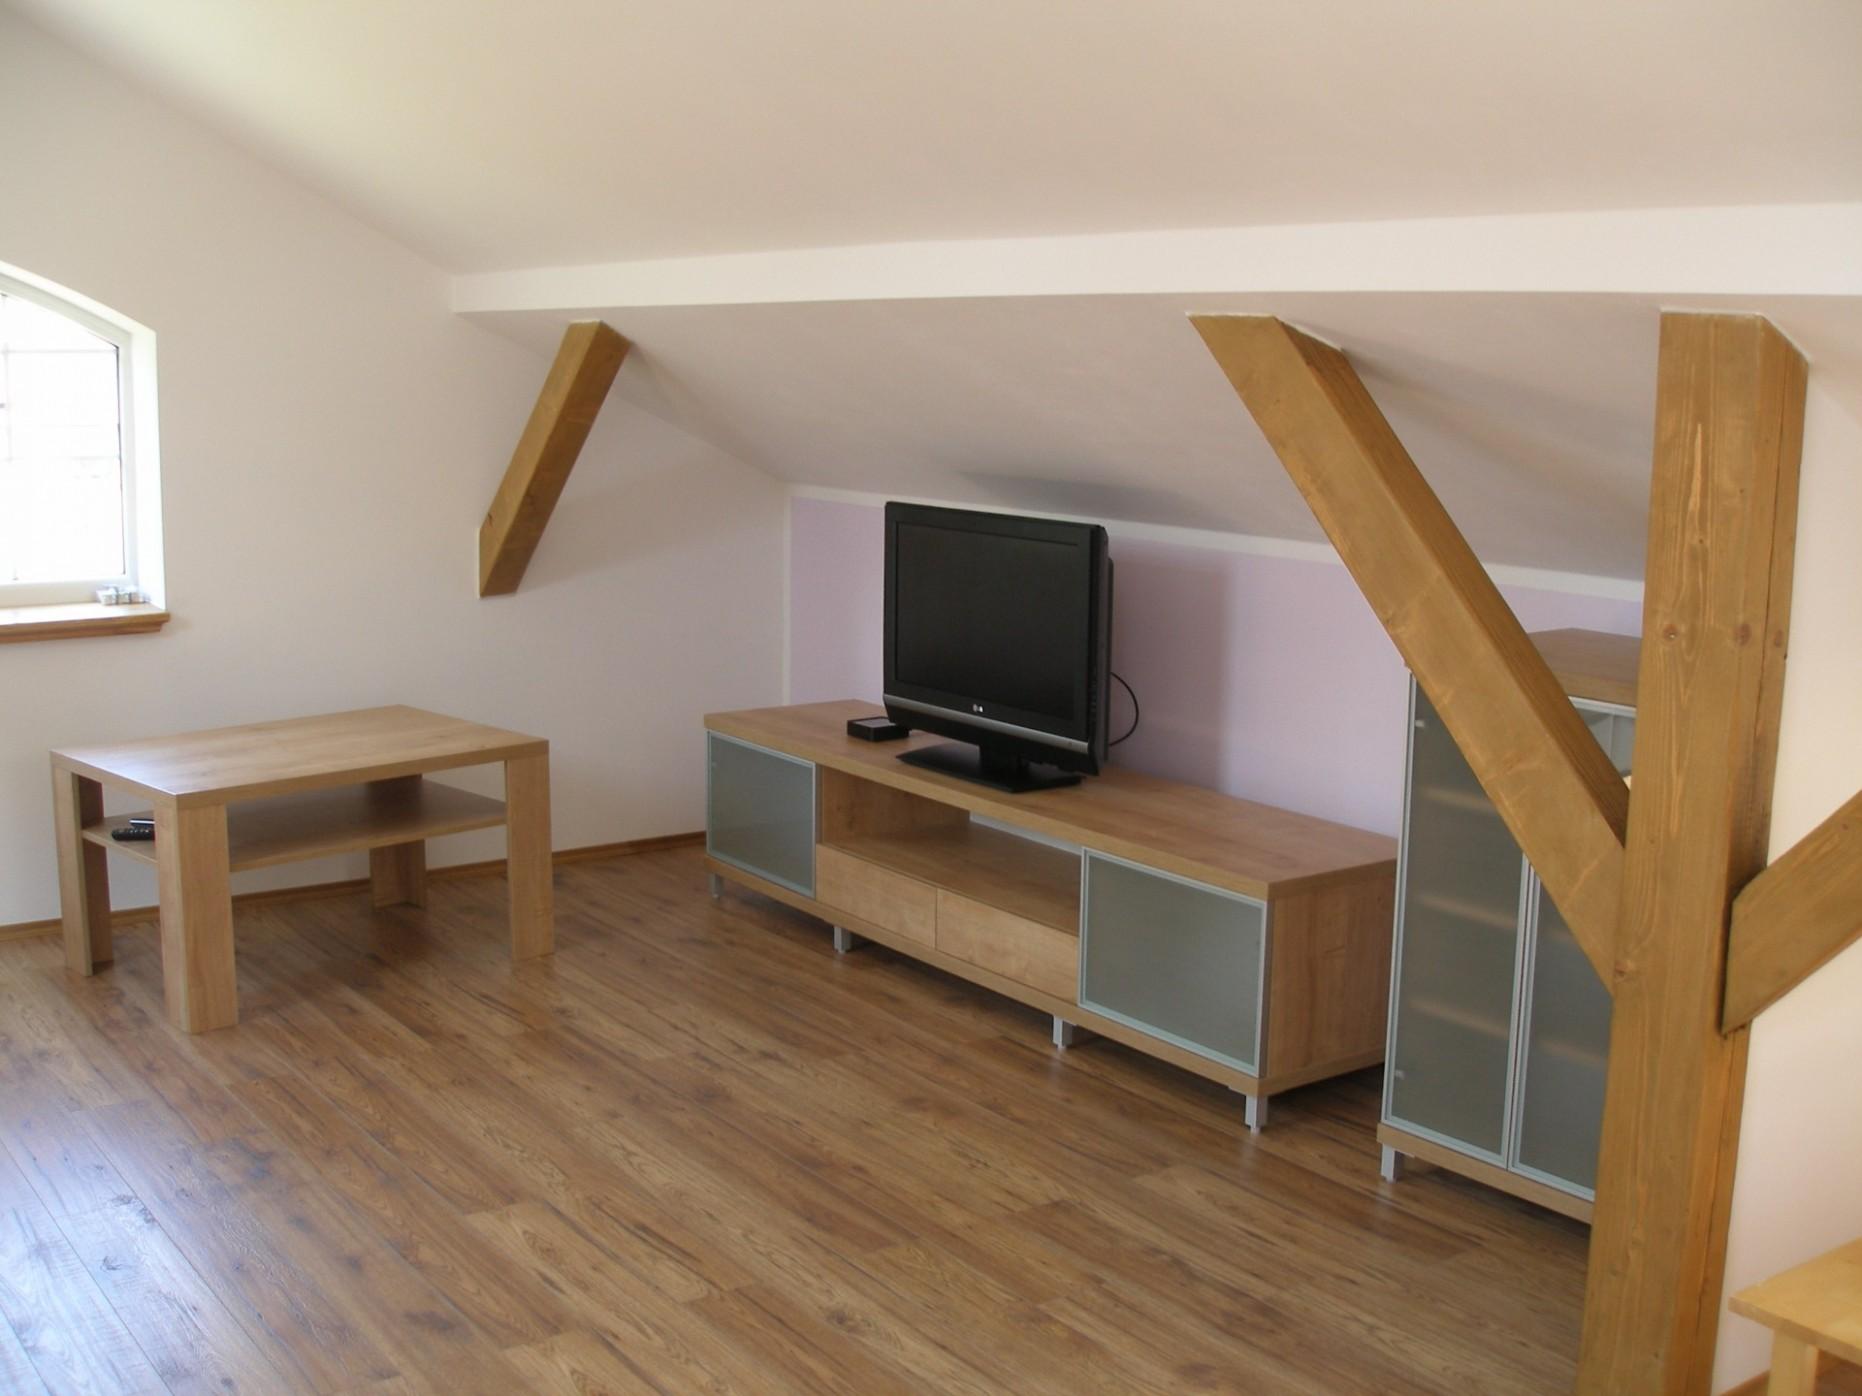 Návrh a realizace interiérů, nábytek na míru | Interiér SOLDY Ostrava